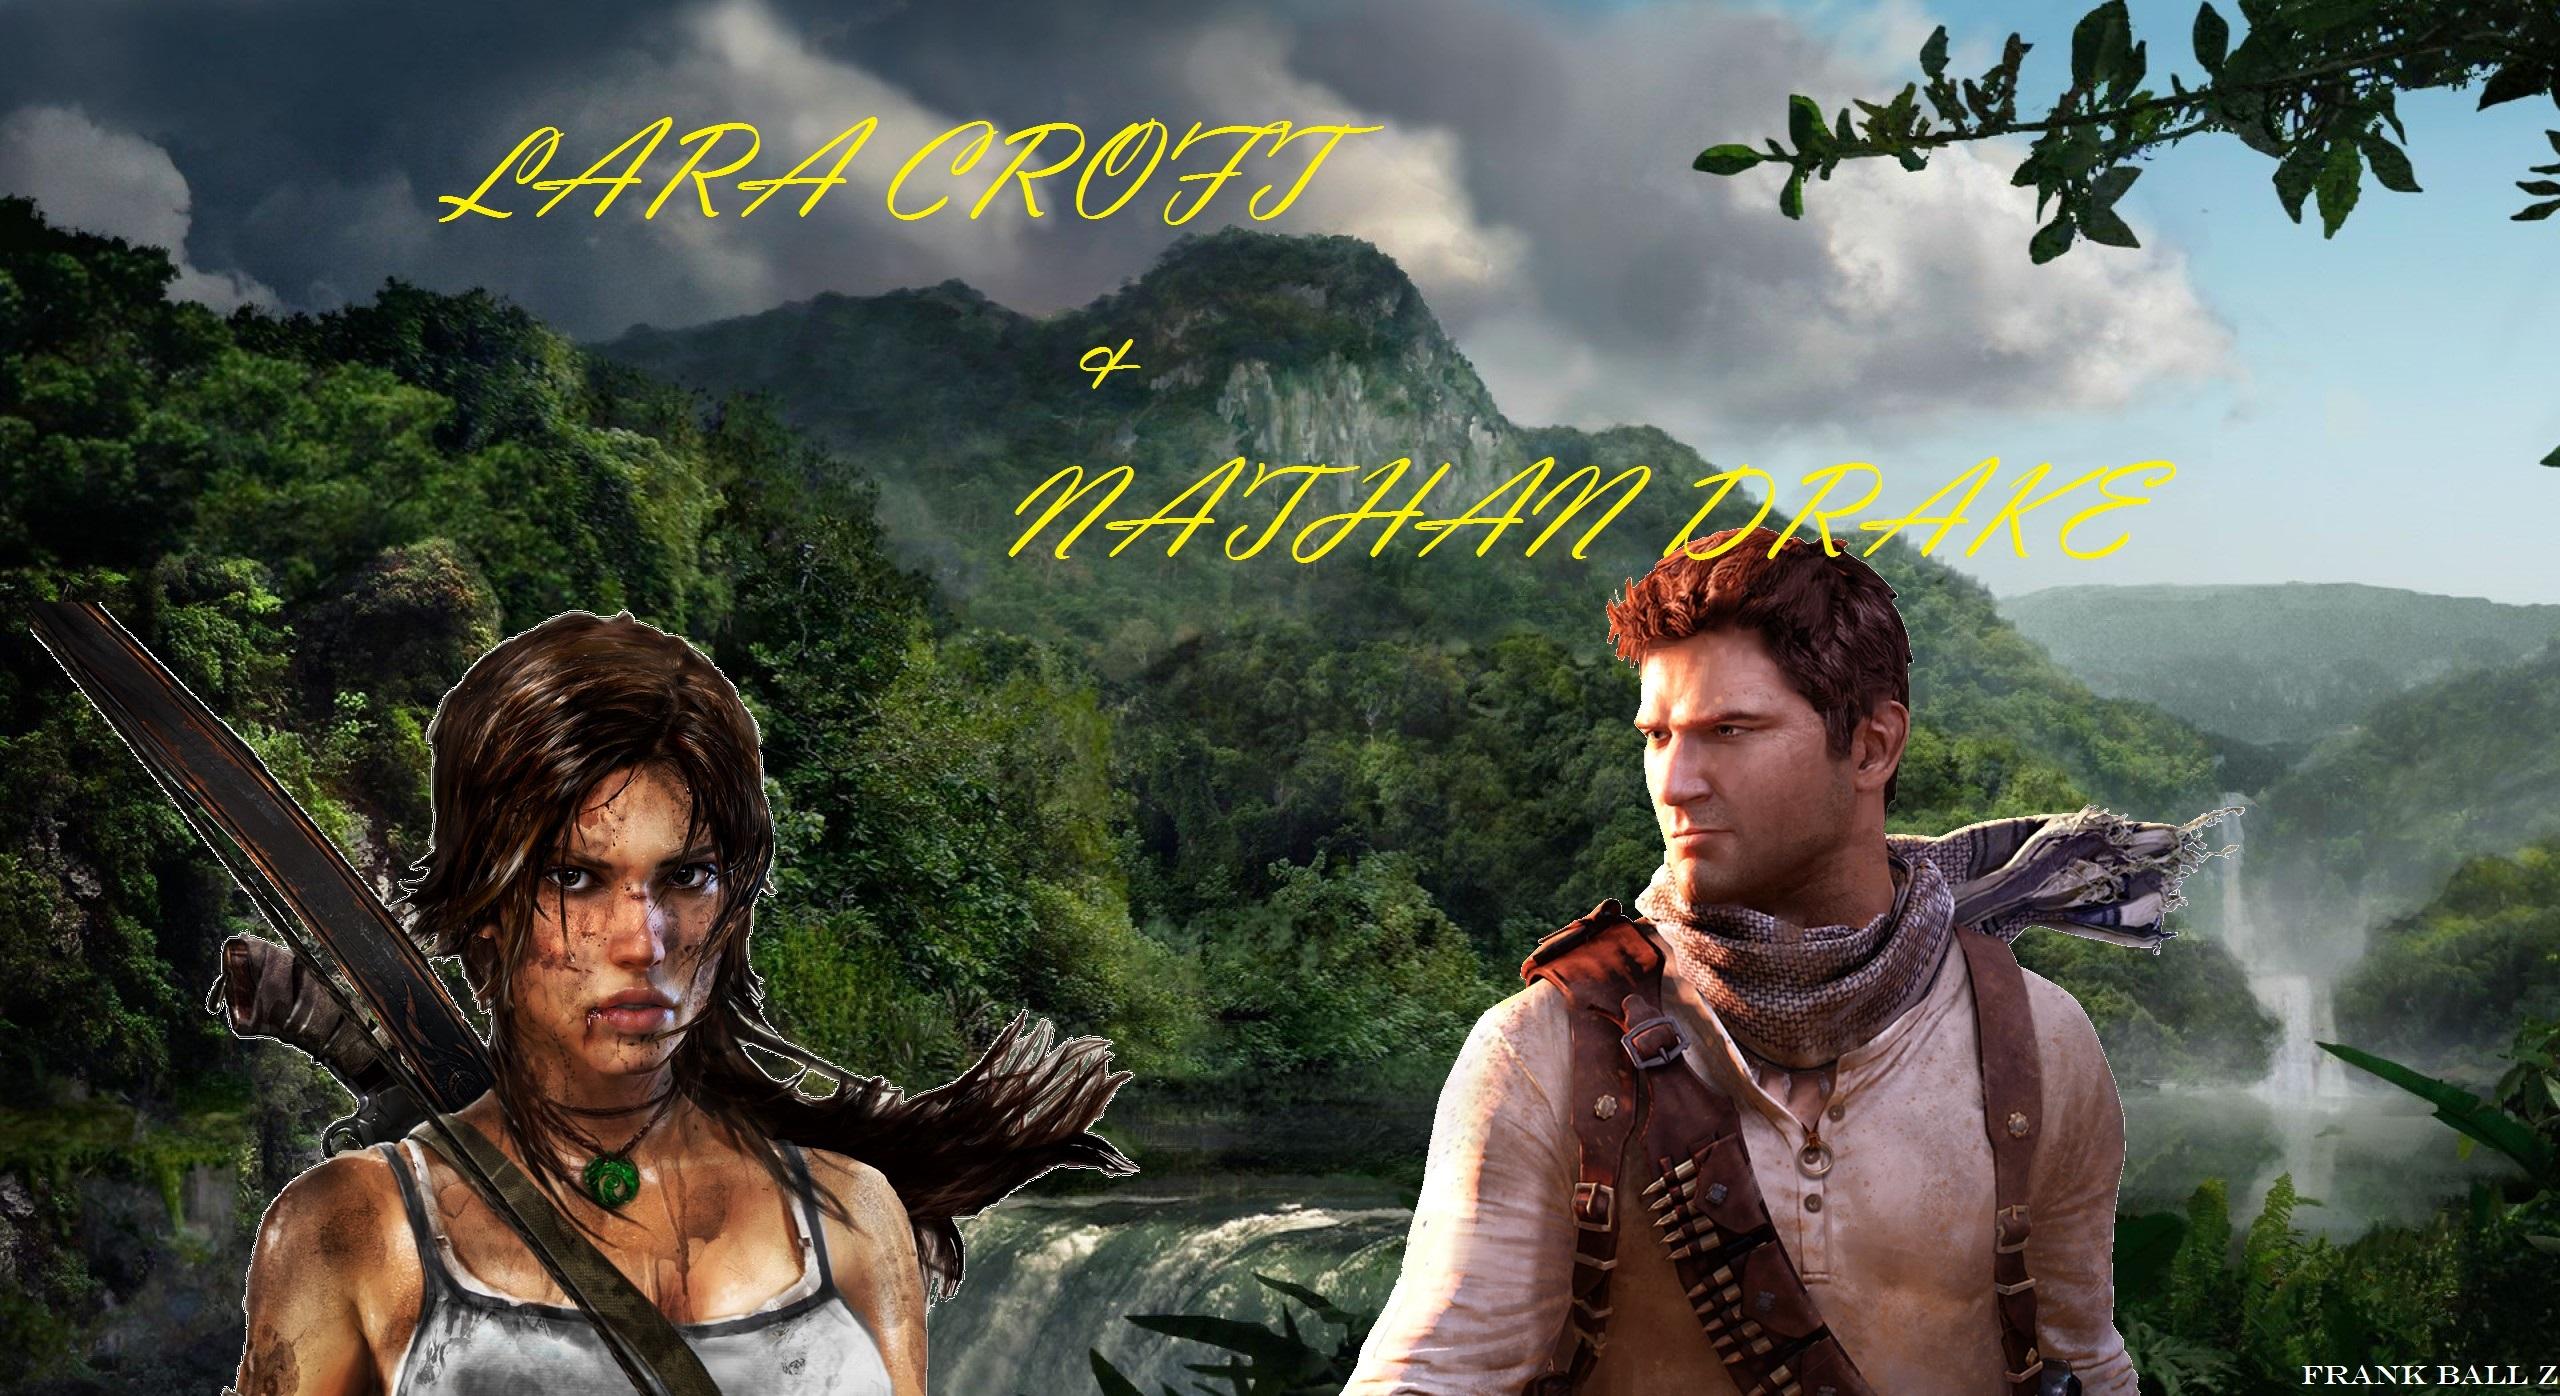 Lara Croft And Nathan Drake: Lara Croft And Nathan Drake By FRANKBALLZ On DeviantArt